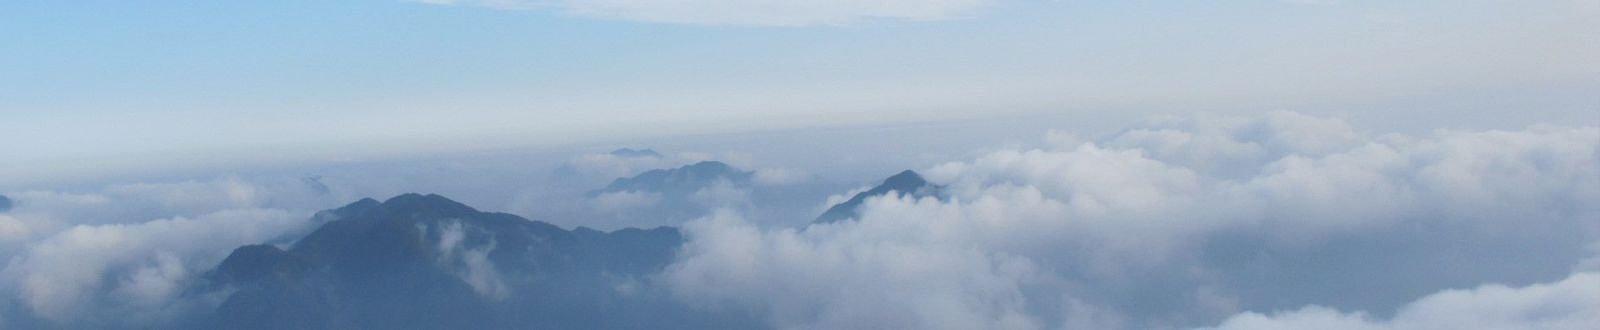 三清山旅游